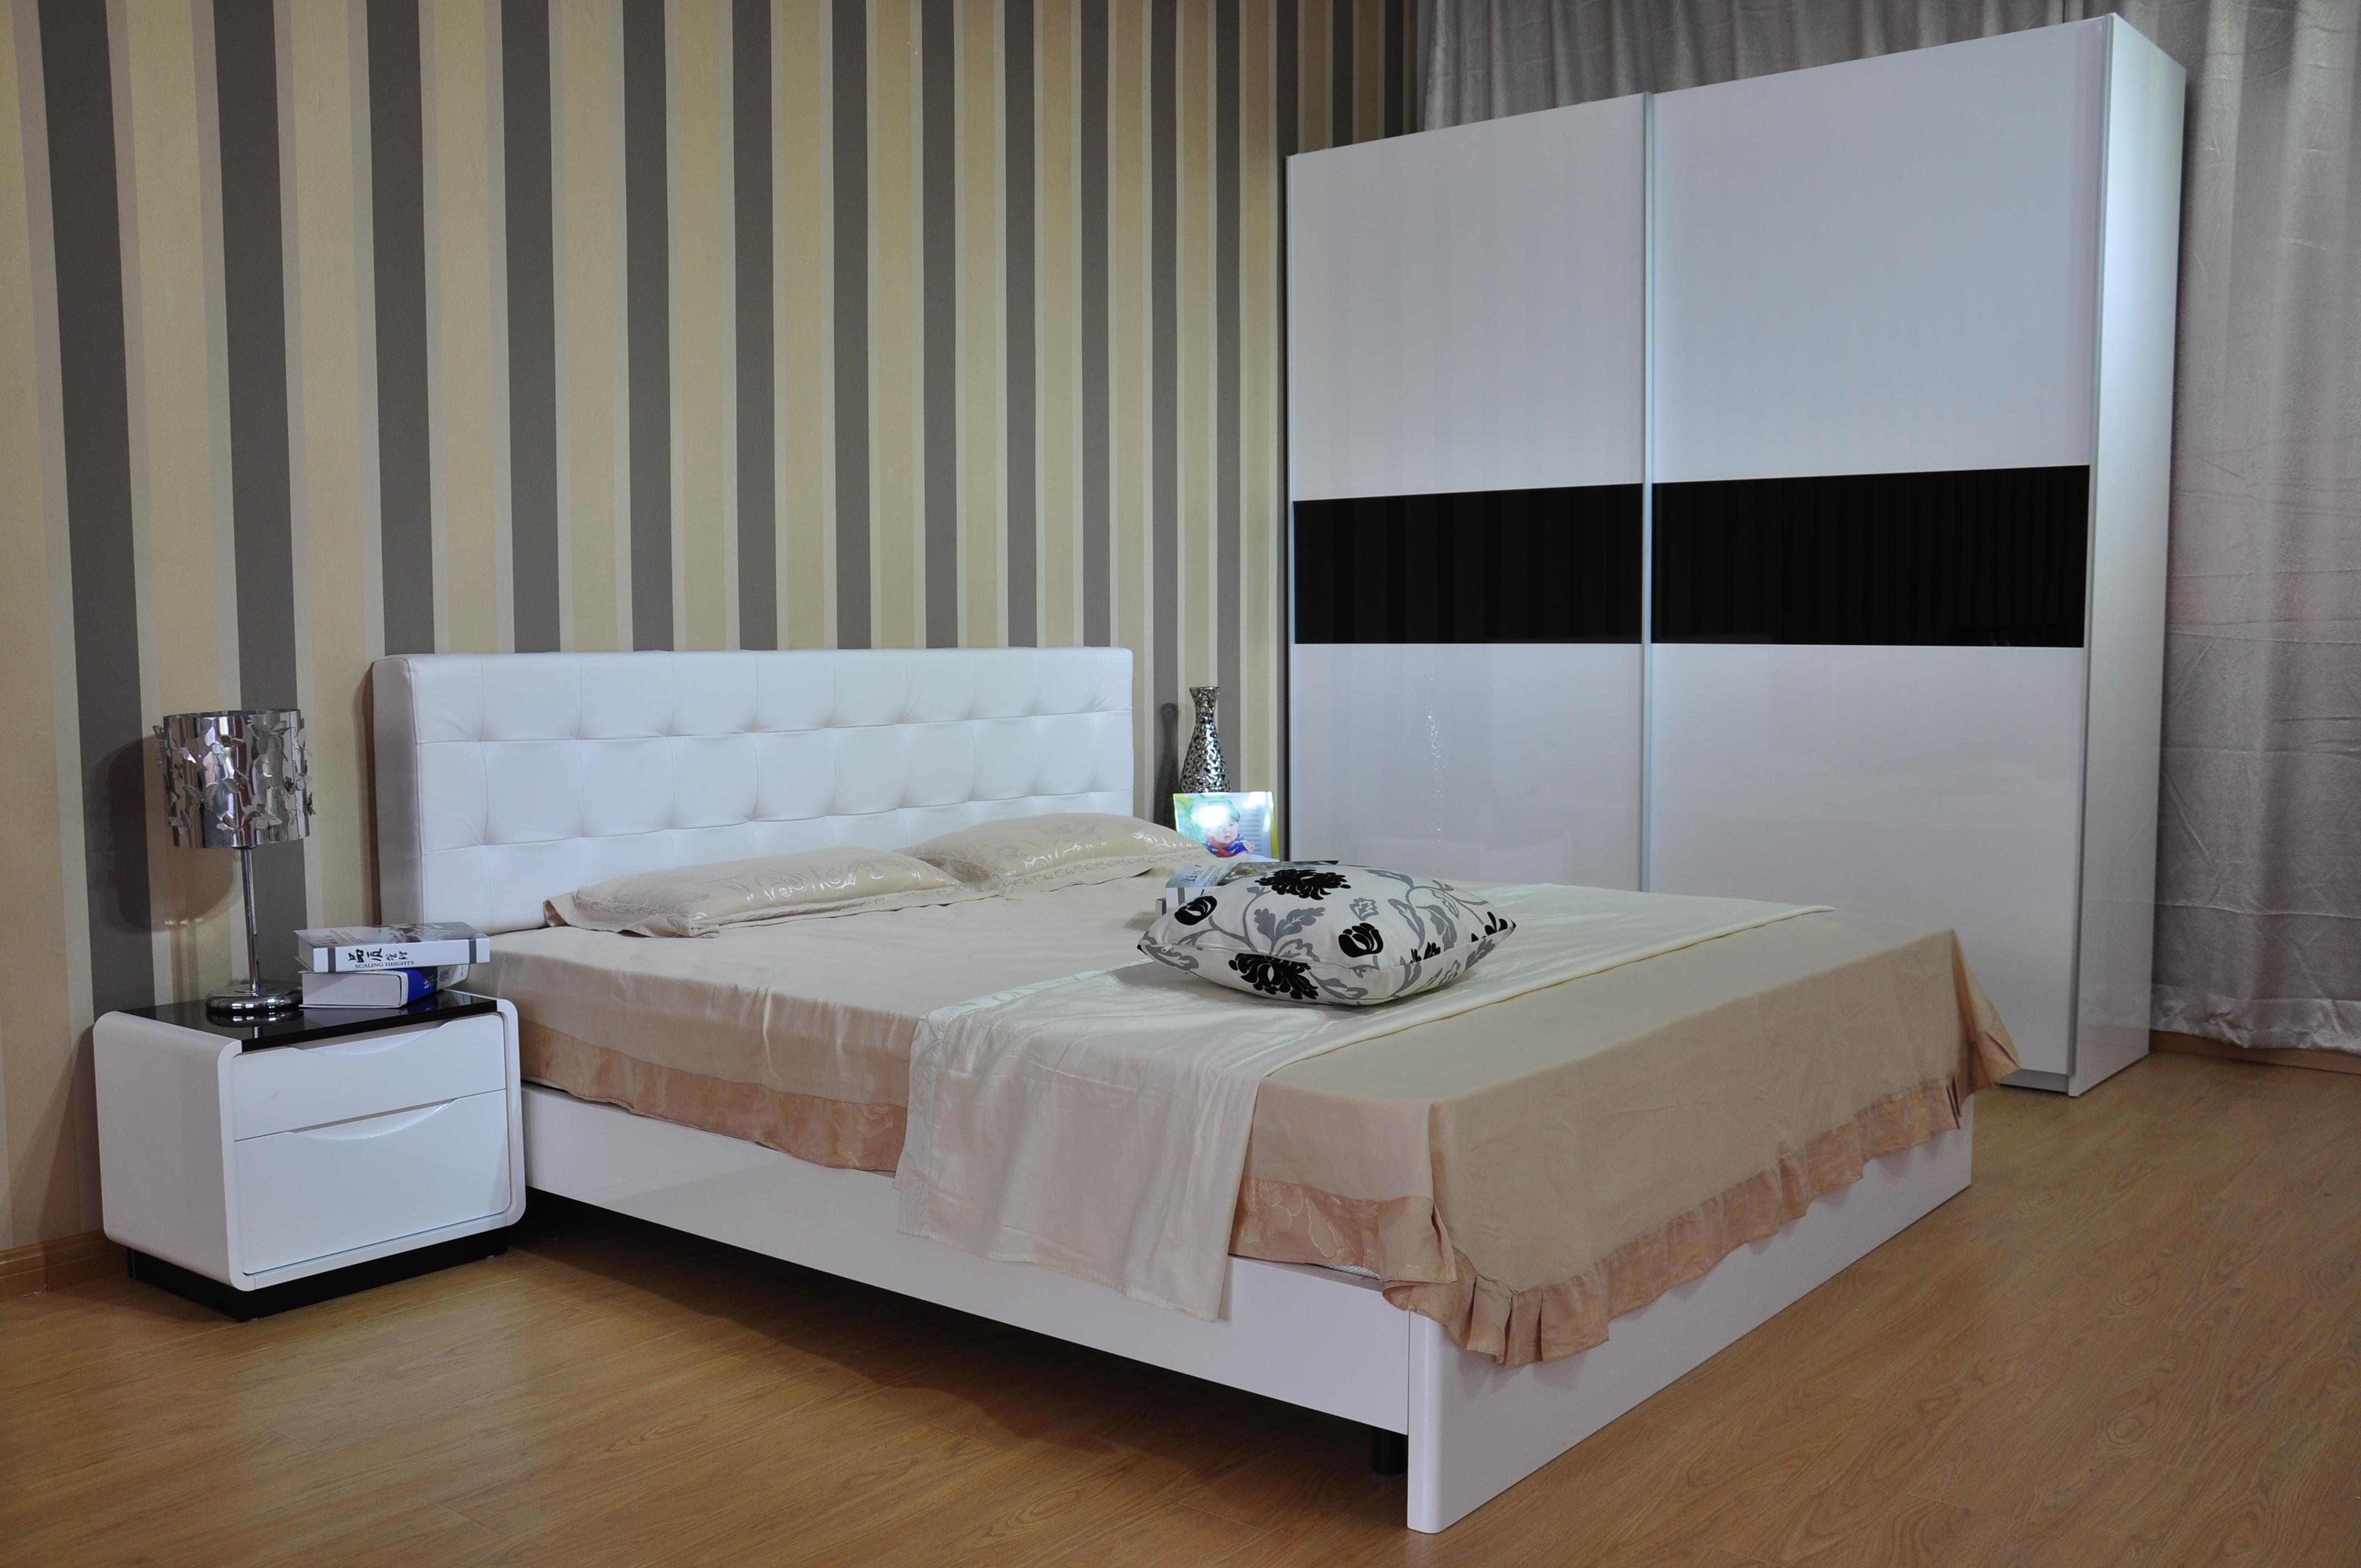 小卧室怎么装修好看?卧室小怎么装修?